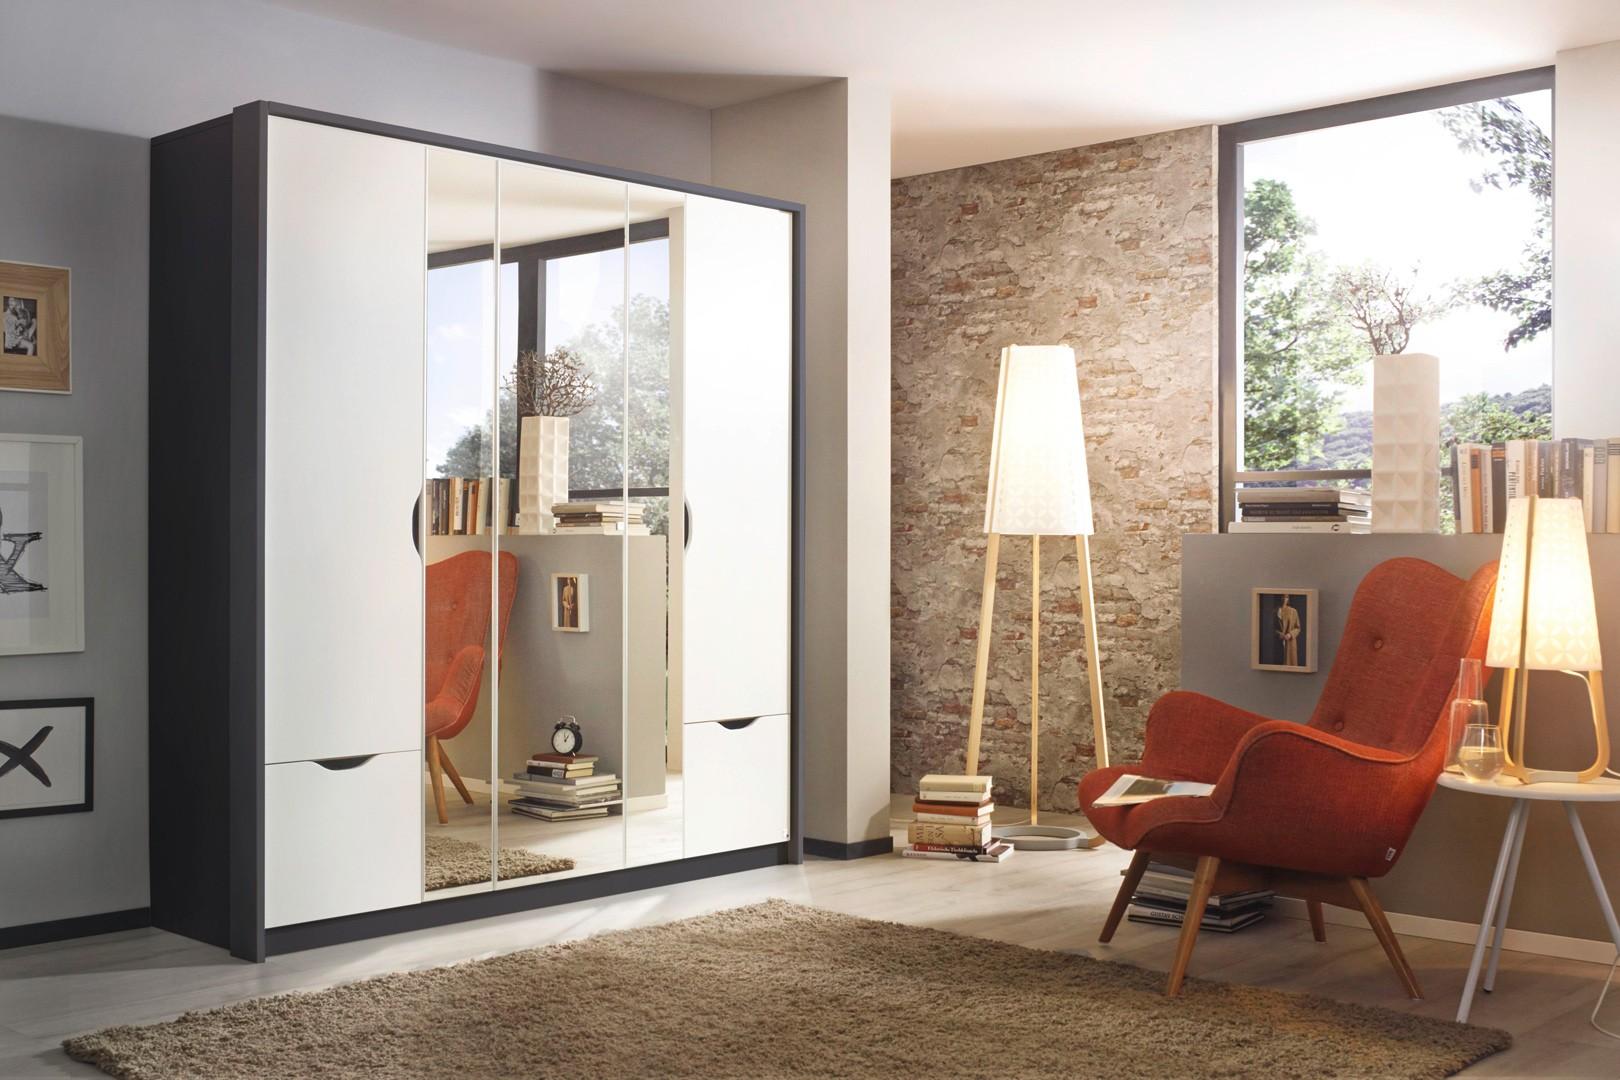 Armoire contemporaine 181 cm blanc/gris métallique Valeriane